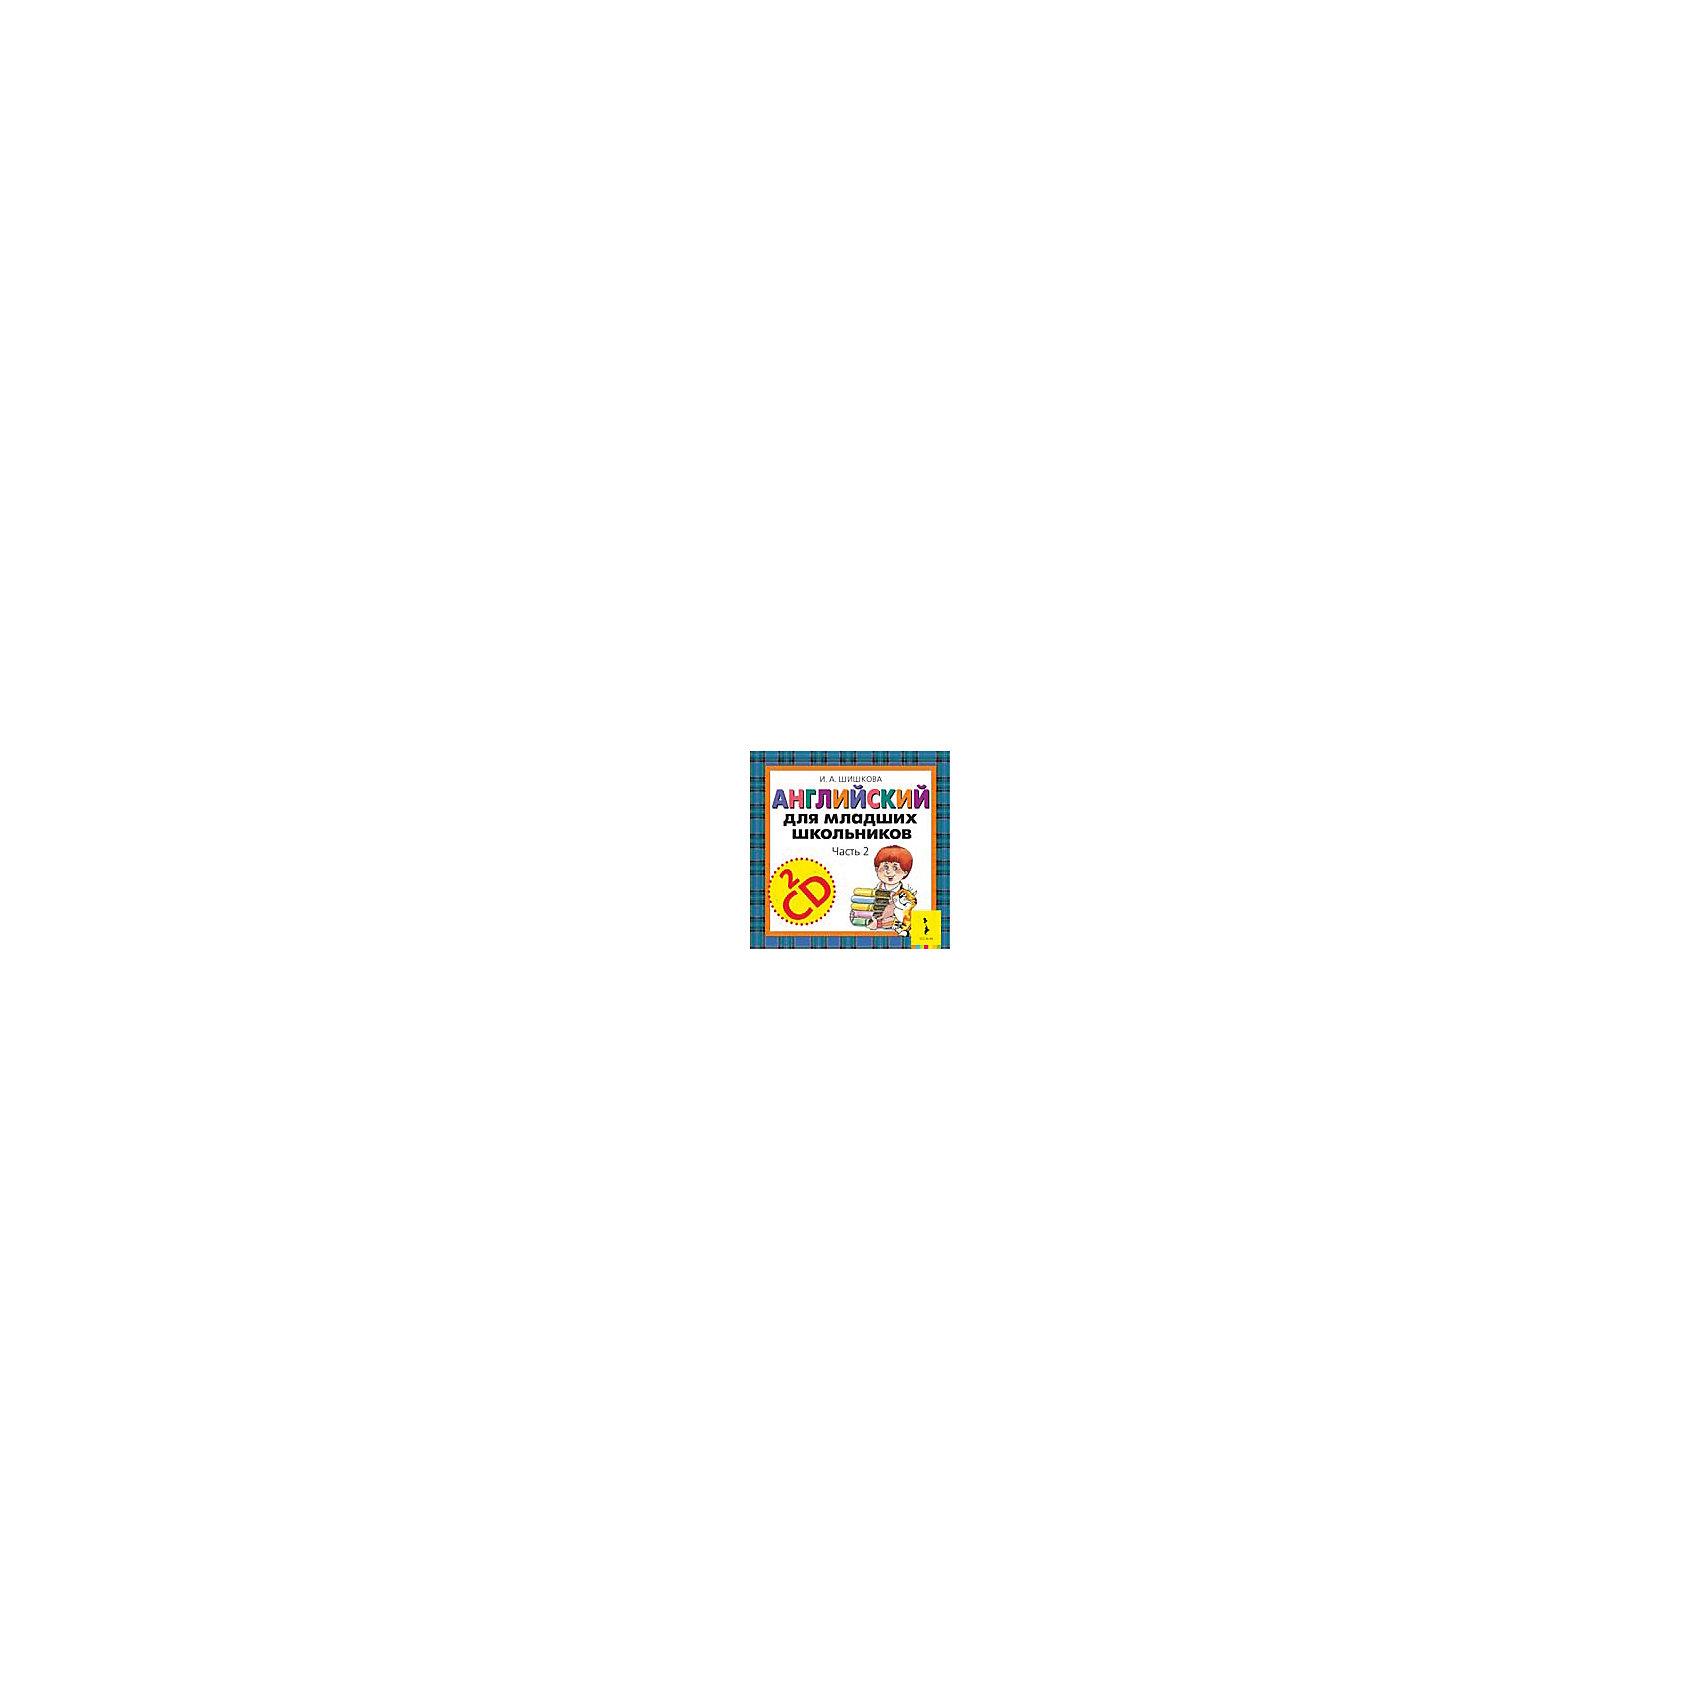 2 компакт-диска (CD-аудио) Аглийский для малышей, часть 2Иностранный язык<br>Характеристики товара:<br><br>- цвет: разноцветный;<br>- формат: CD;<br>- развивающее издание.<br><br>Аудиоприложение к учебно-методическому комплекту Английский для малышей. Это проработанное развивающее издание станет отличным подарком для родителей и ребенка. Оно содержит в себе материалы, которые помогут ребенку познакомиться с английским и закрепить пройденный материал. Простые задания помогут освоить начальные знания и привить любовь к учебе! В комплект входит учебник и рабочая тетрадь.<br>Выполнение таких заданий помогает ребенку развивать зрительную память, концентрацию внимания и воображение. Издание произведено из качественных материалов, которые безопасны даже для самых маленьких.<br><br>Компакт-диск (CD-аудио) Аглийский для малышей, часть 2 от компании Росмэн можно купить в нашем интернет-магазине.<br><br>Ширина мм: 125<br>Глубина мм: 143<br>Высота мм: 12<br>Вес г: 100<br>Возраст от месяцев: 84<br>Возраст до месяцев: 108<br>Пол: Унисекс<br>Возраст: Детский<br>SKU: 5110227